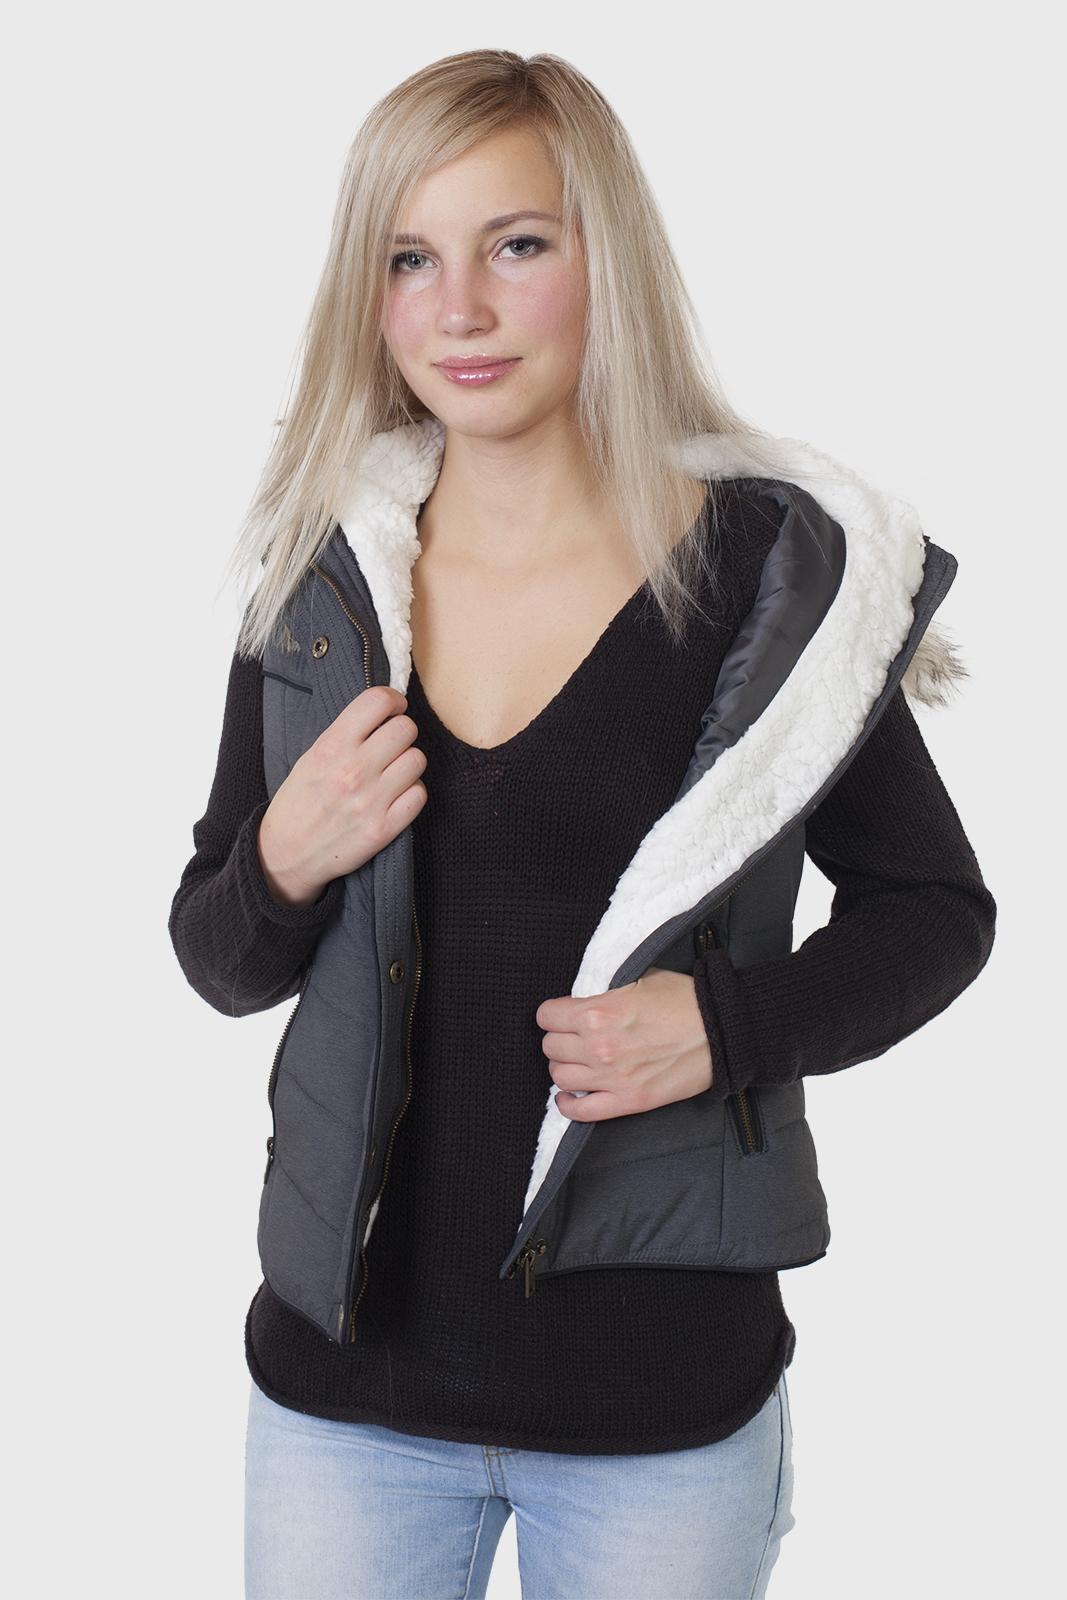 Утепленный женский жилет с капюшоном от Aeropostale (США). купить в Военпро